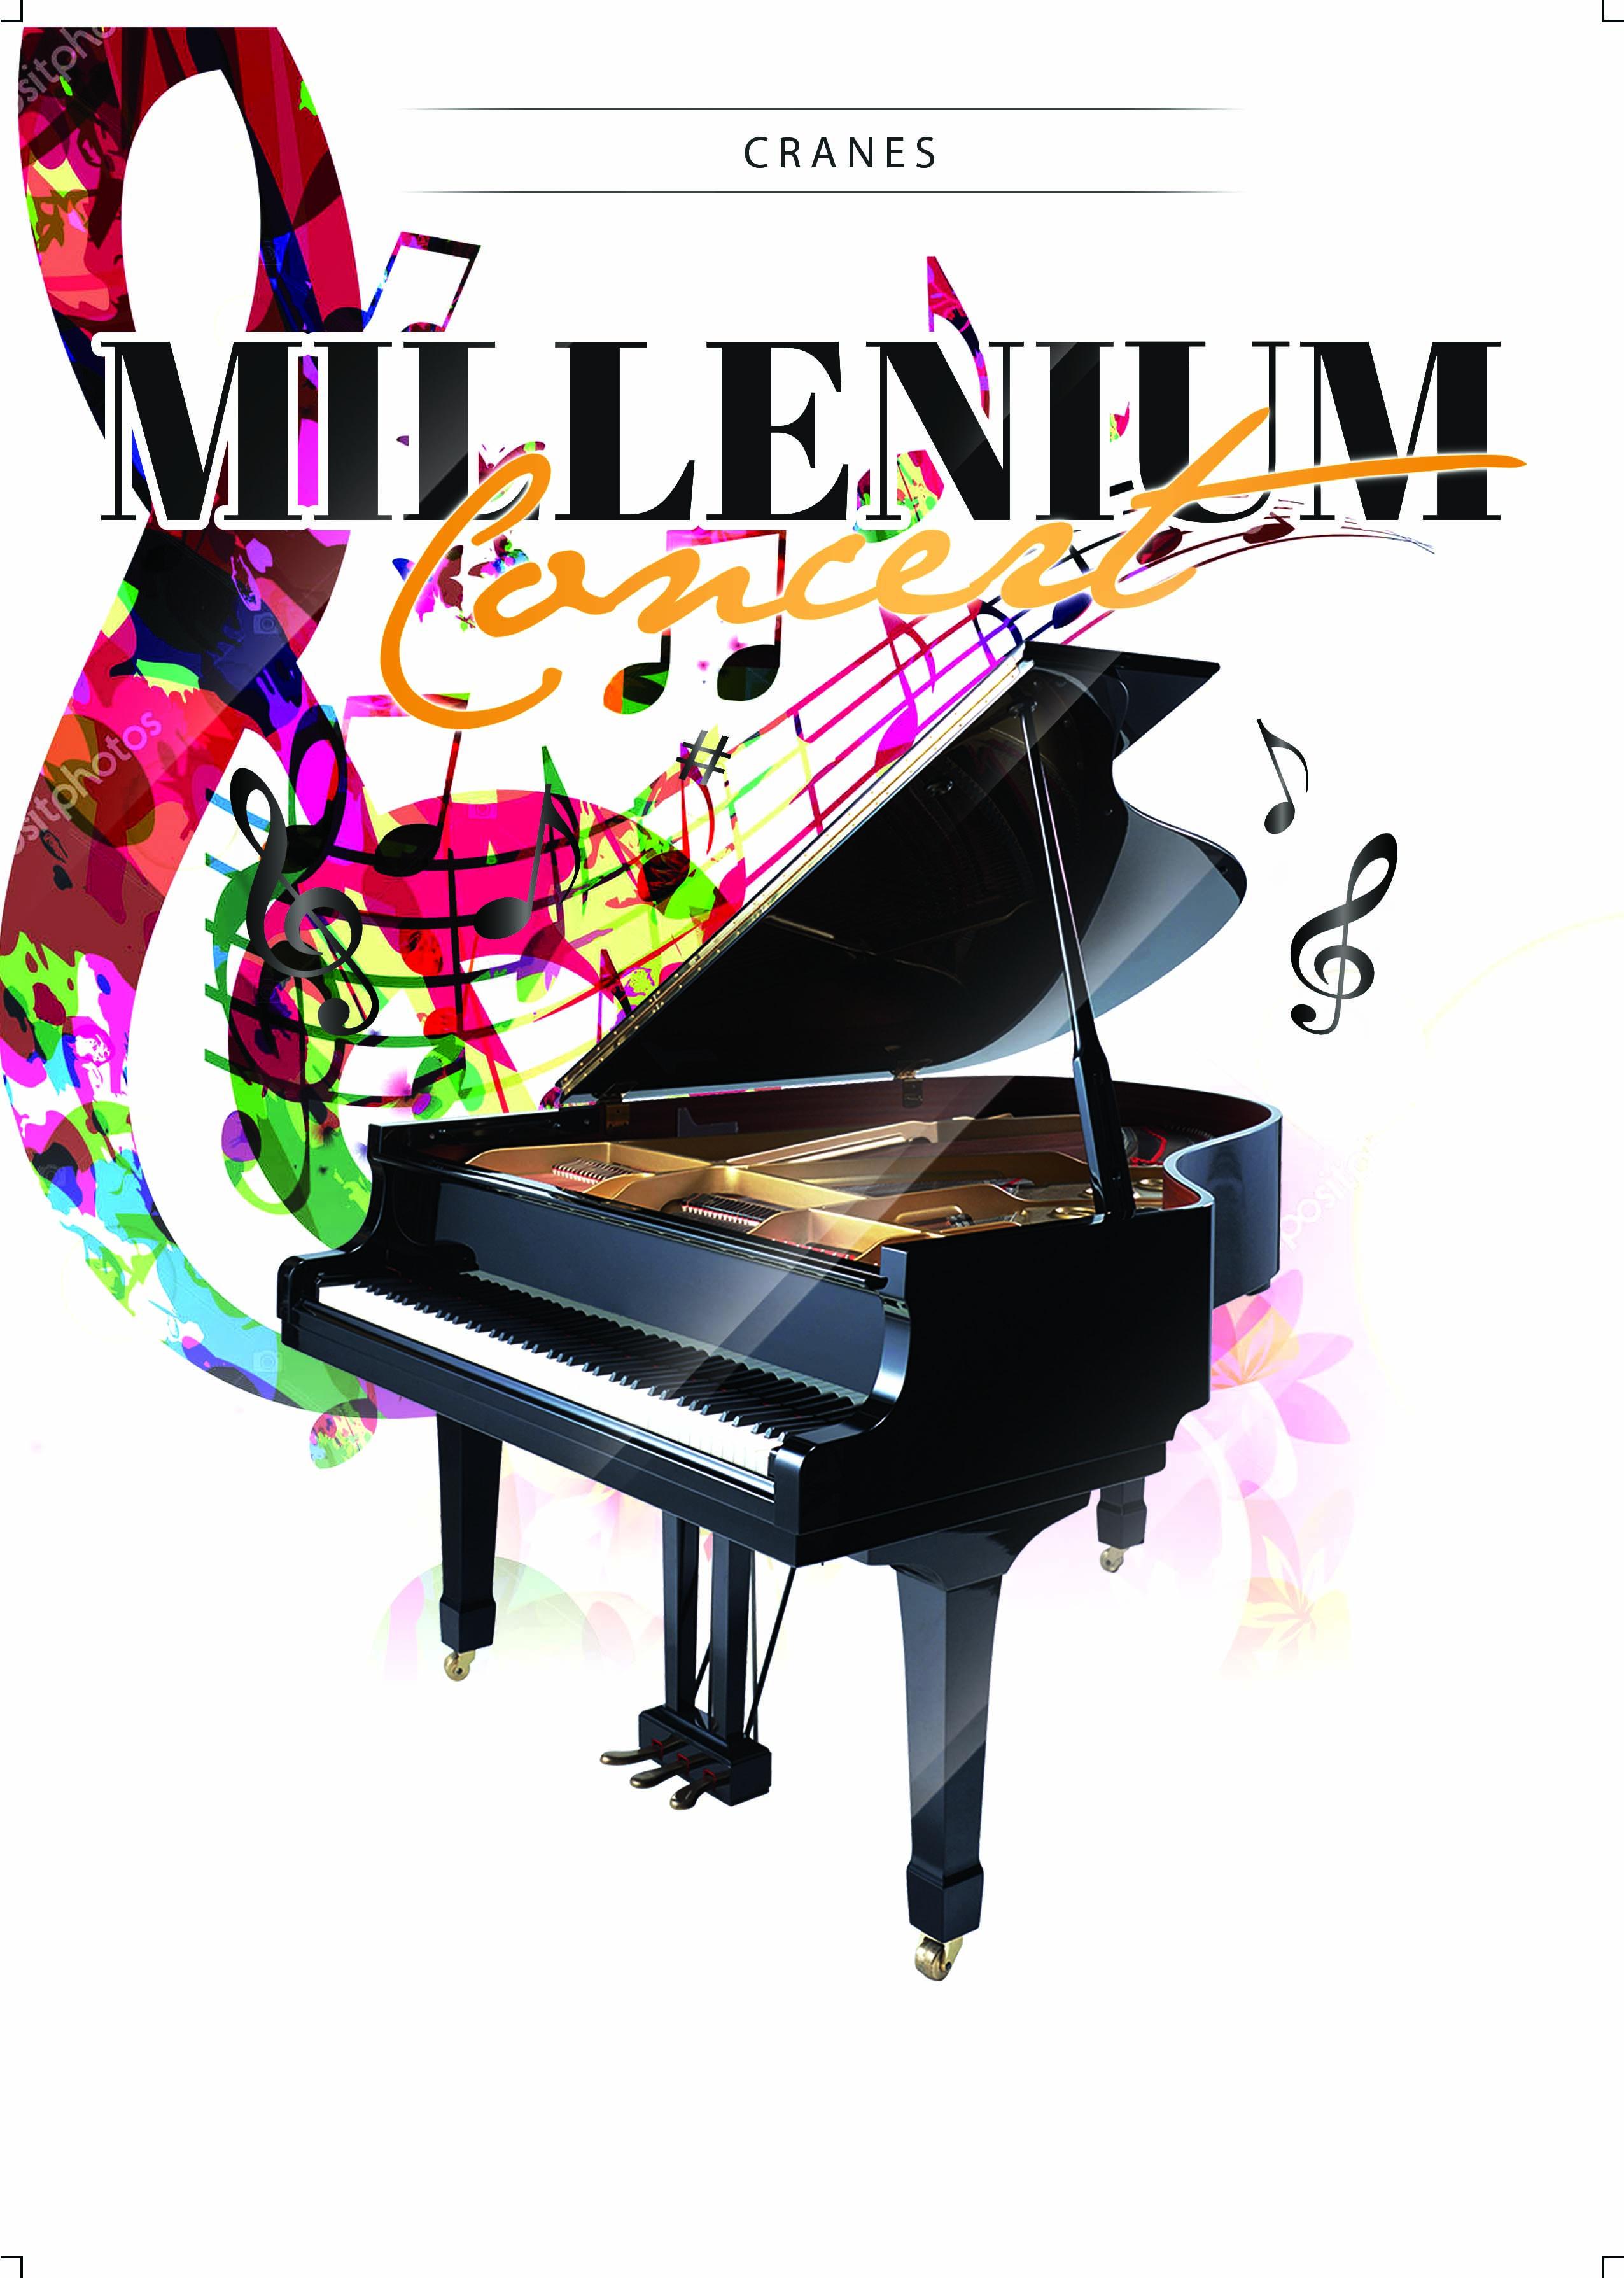 Cranes Music Millennium Concert